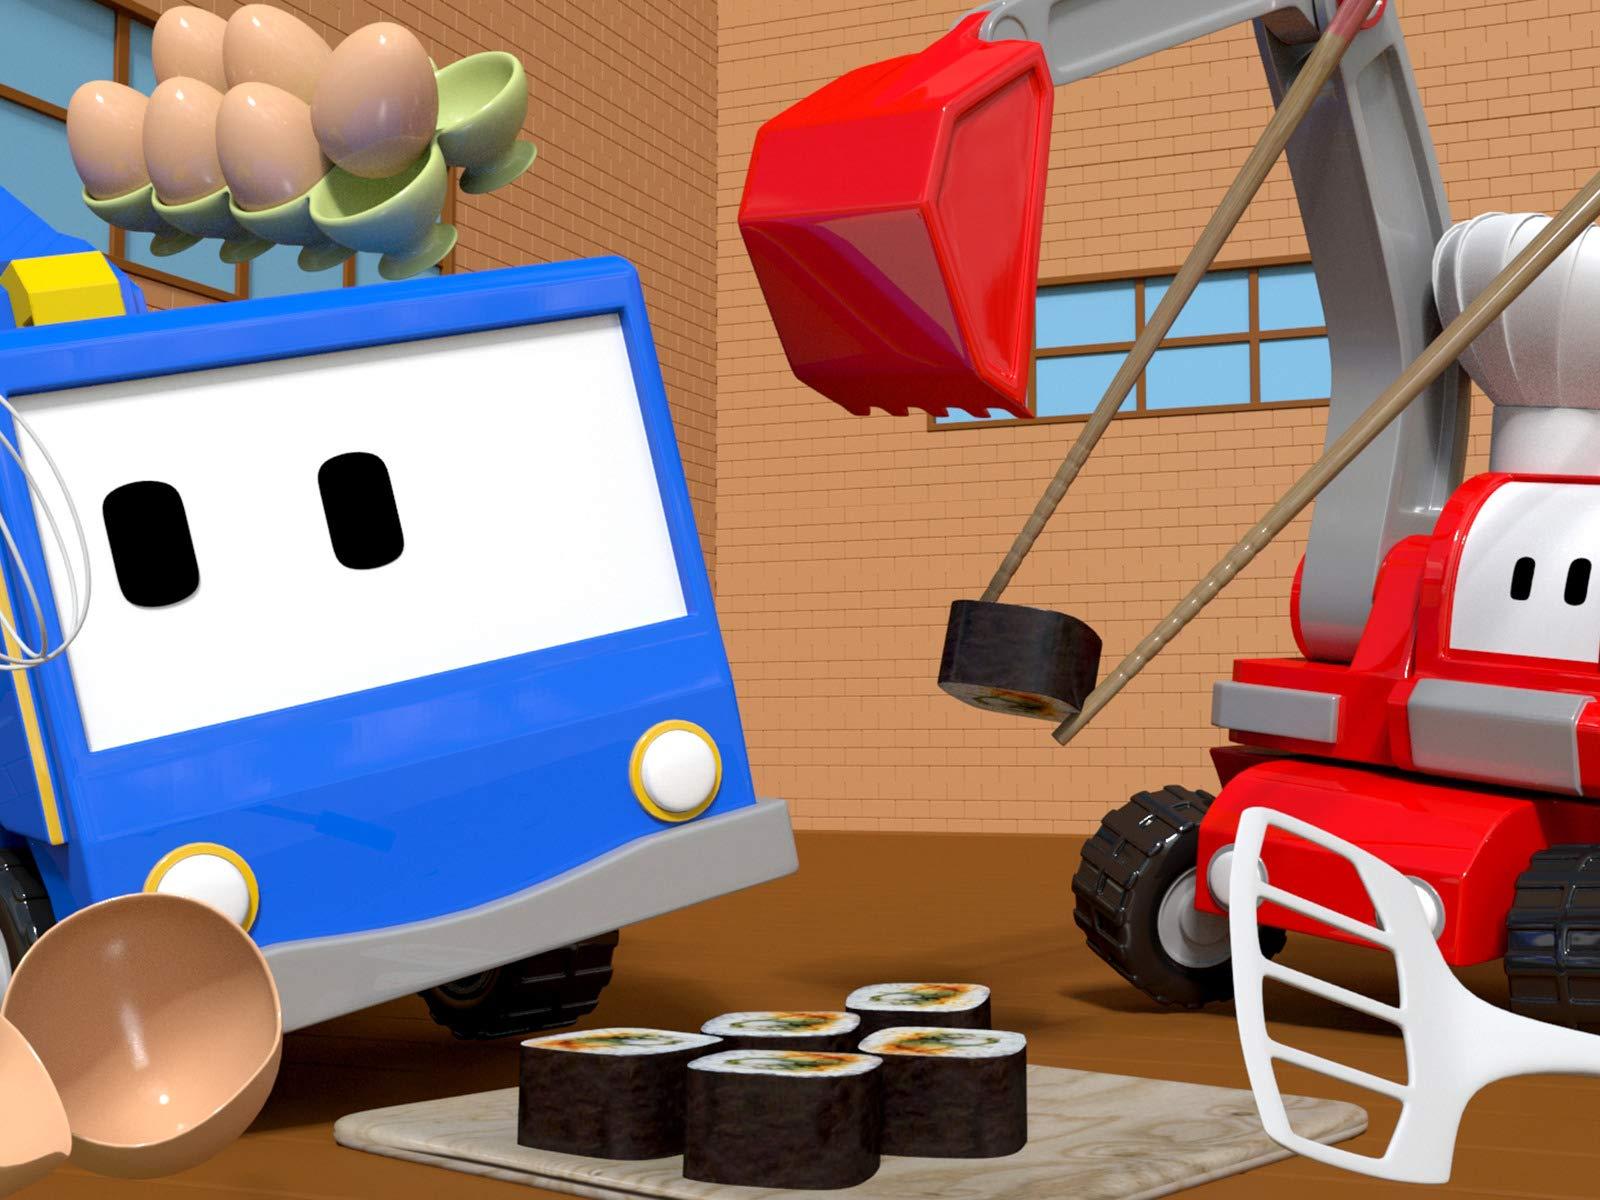 Amazon.com: Tiny Trucks: Arthur Lener, Edouard Desmettre